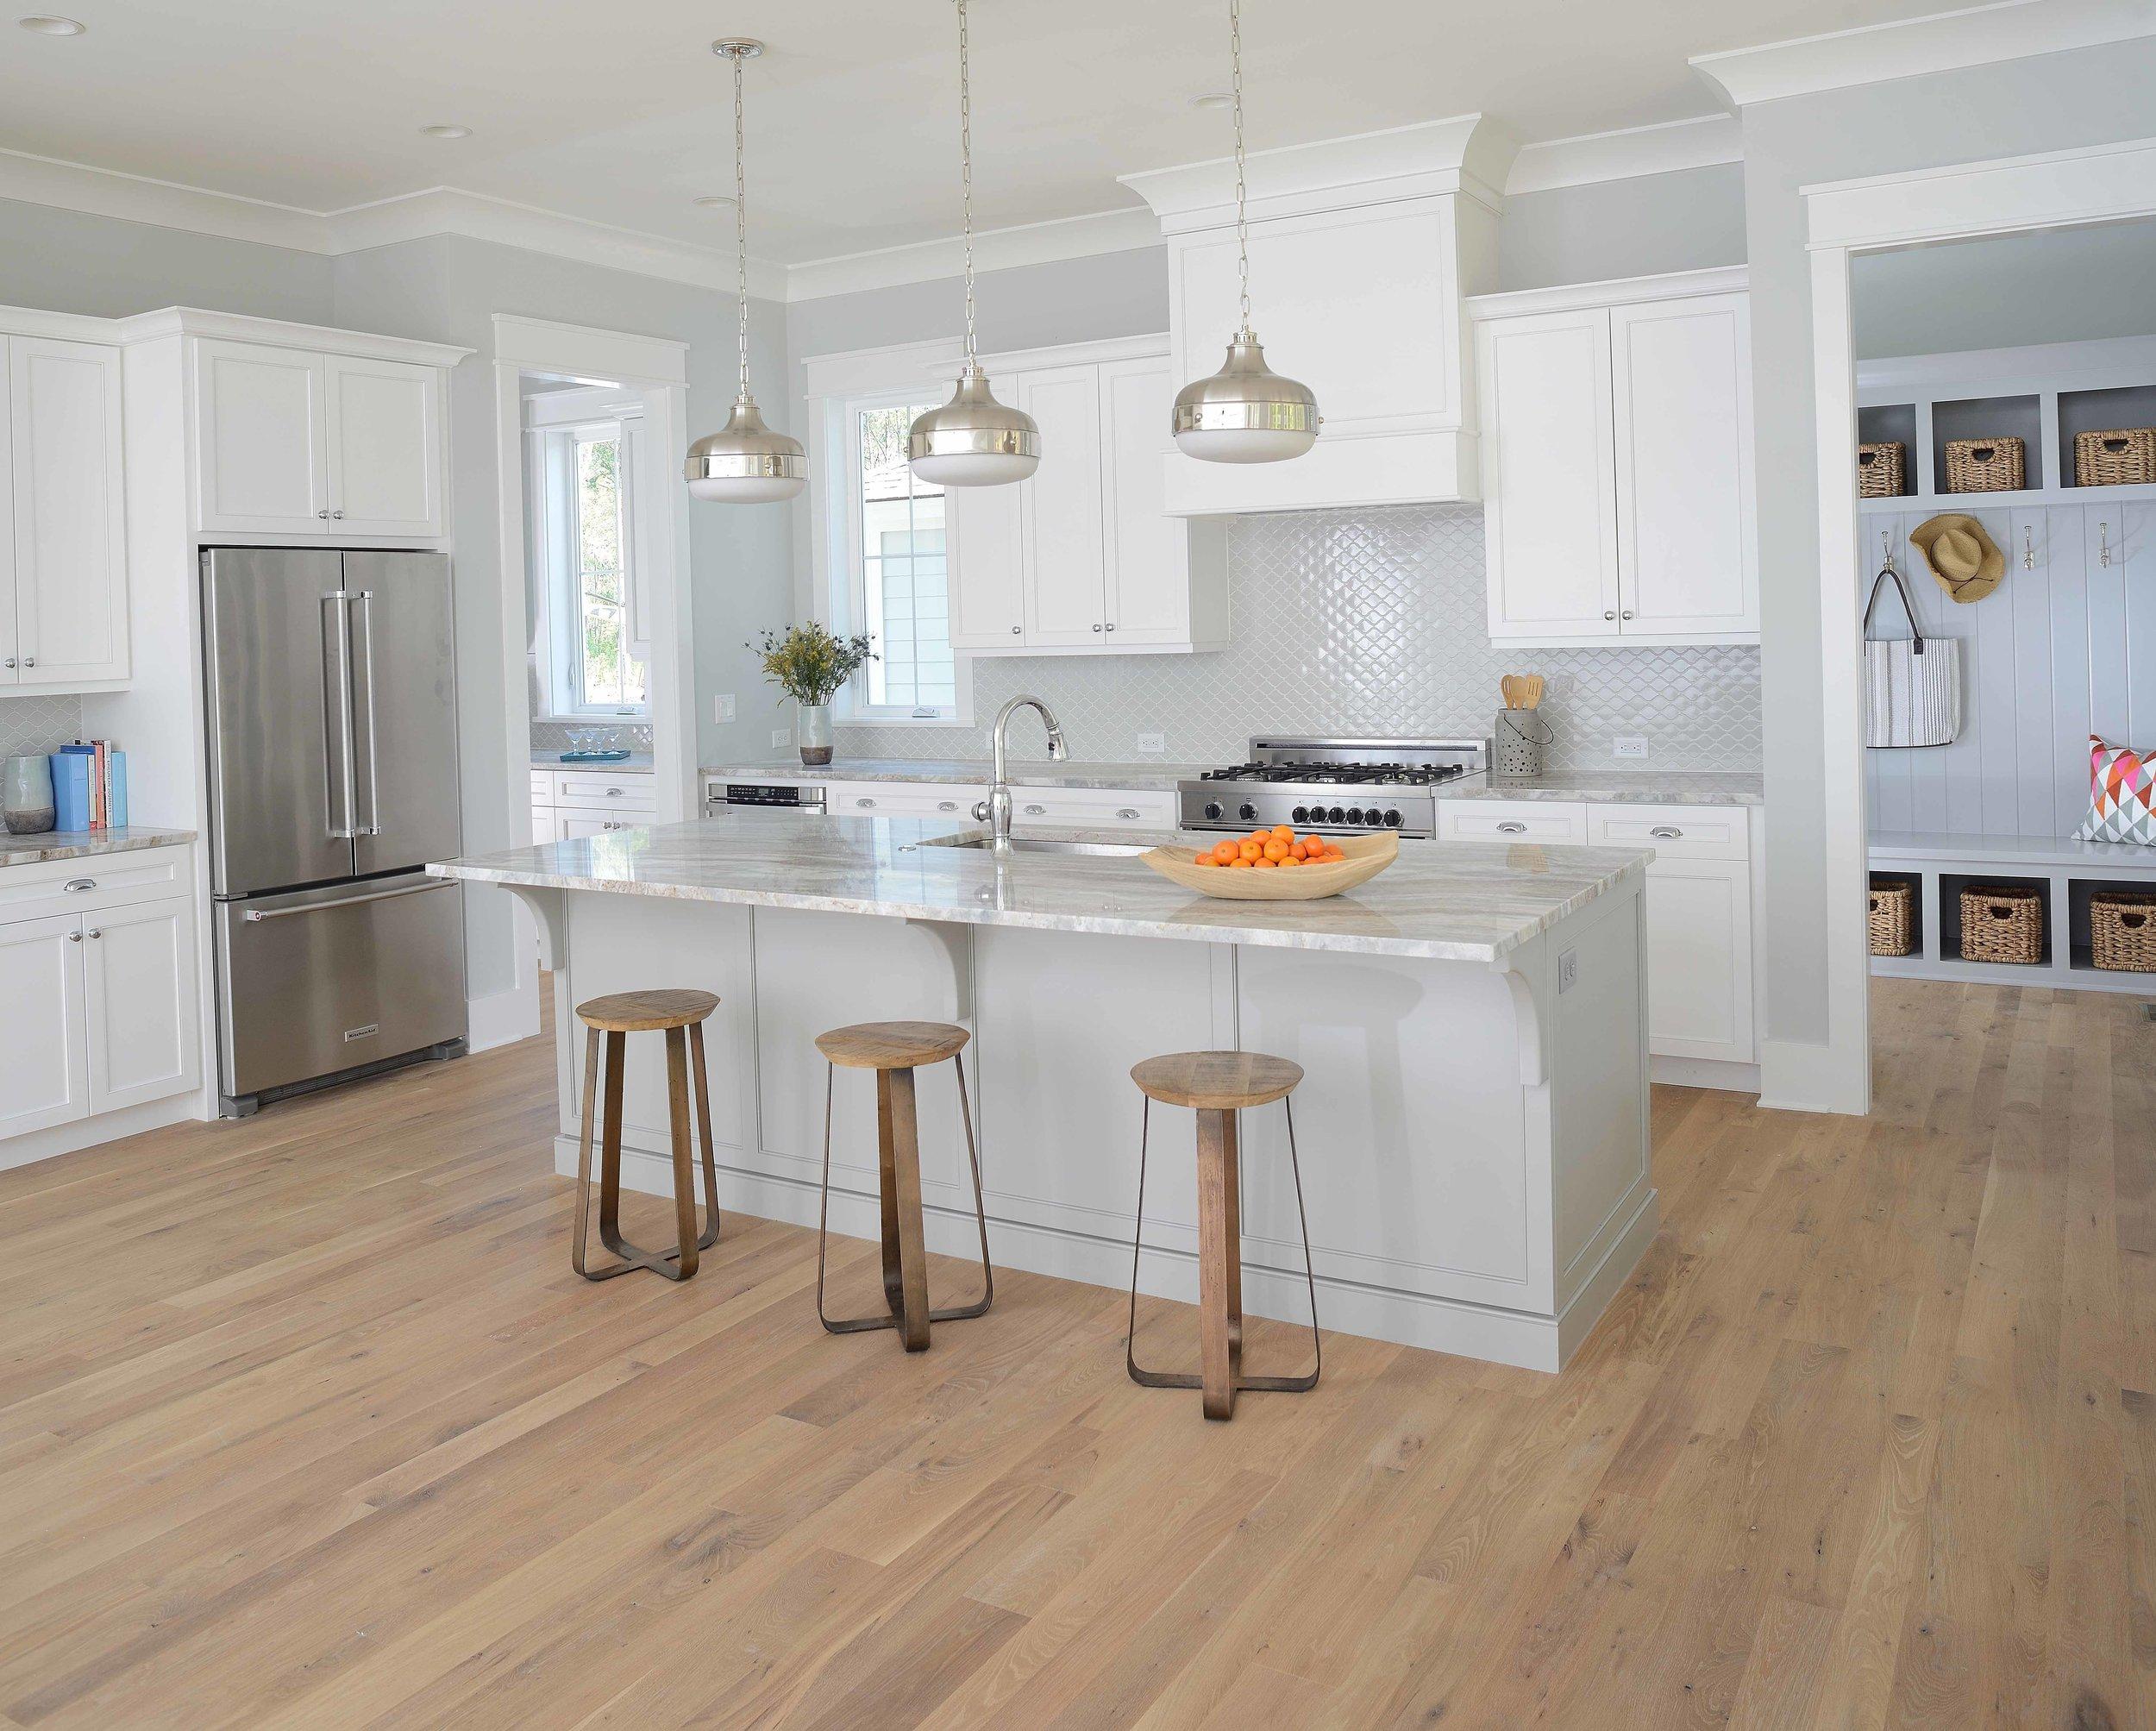 kitchen mainweb.jpg